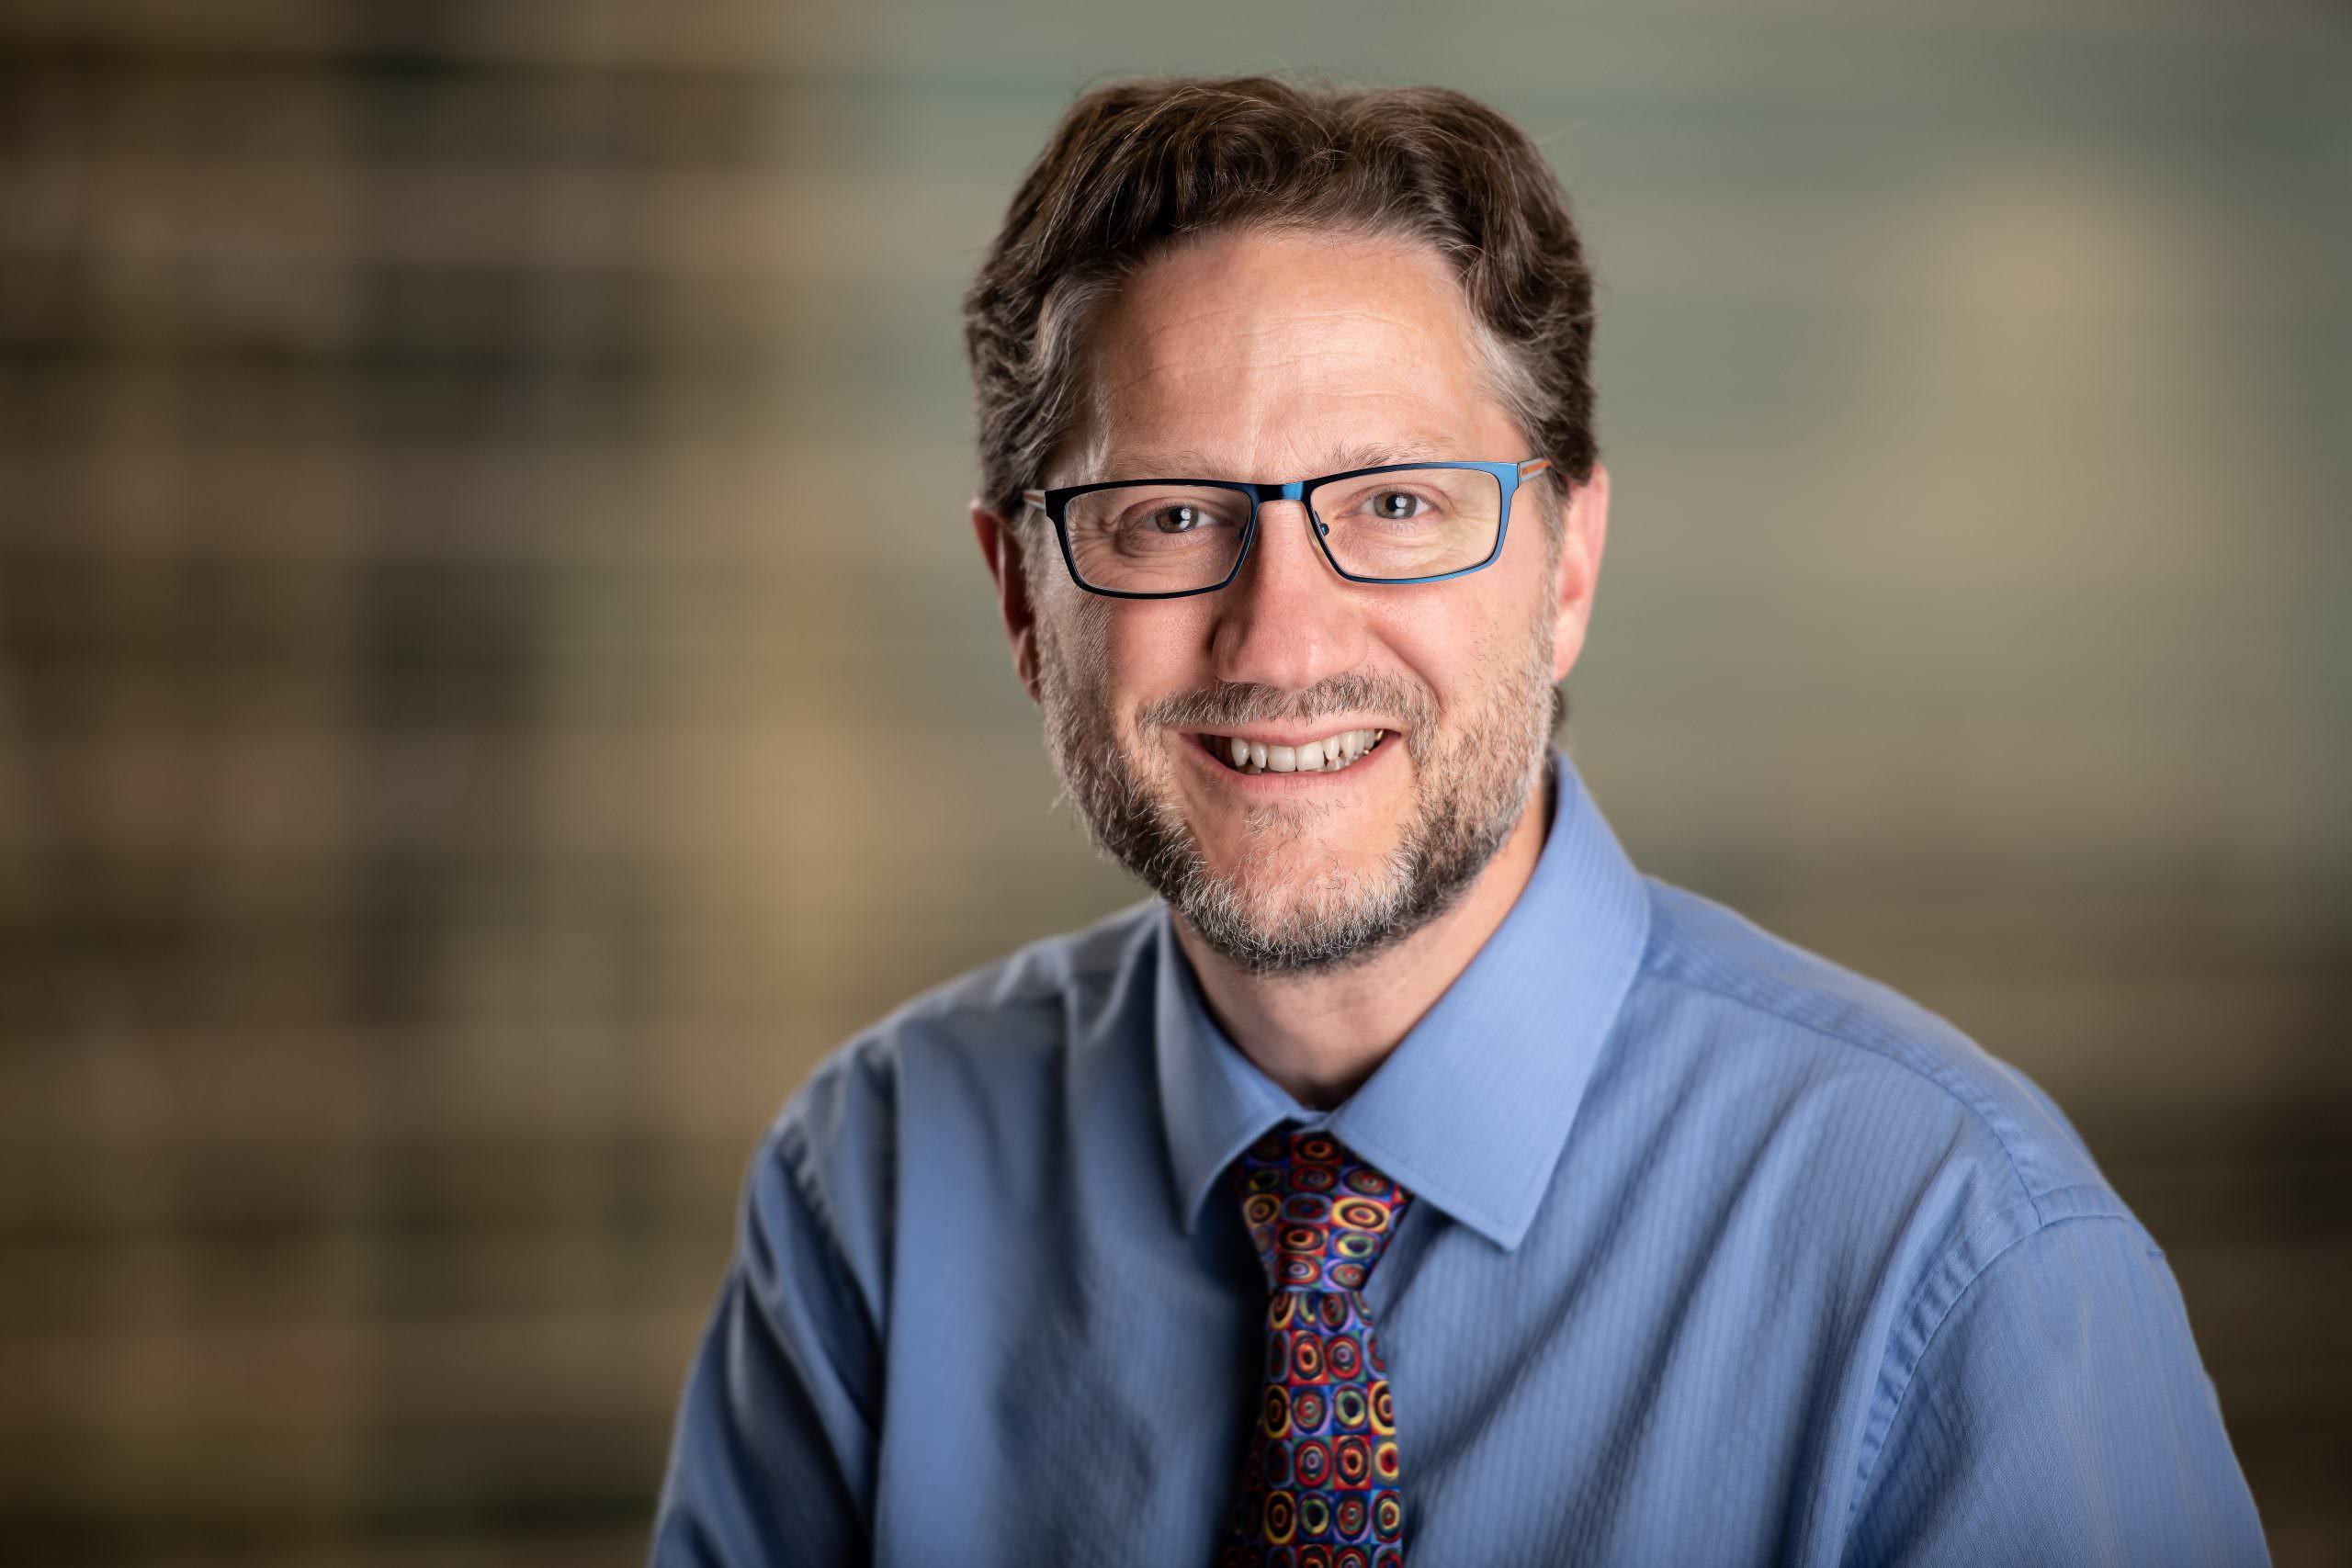 Jeffrey Streiffer